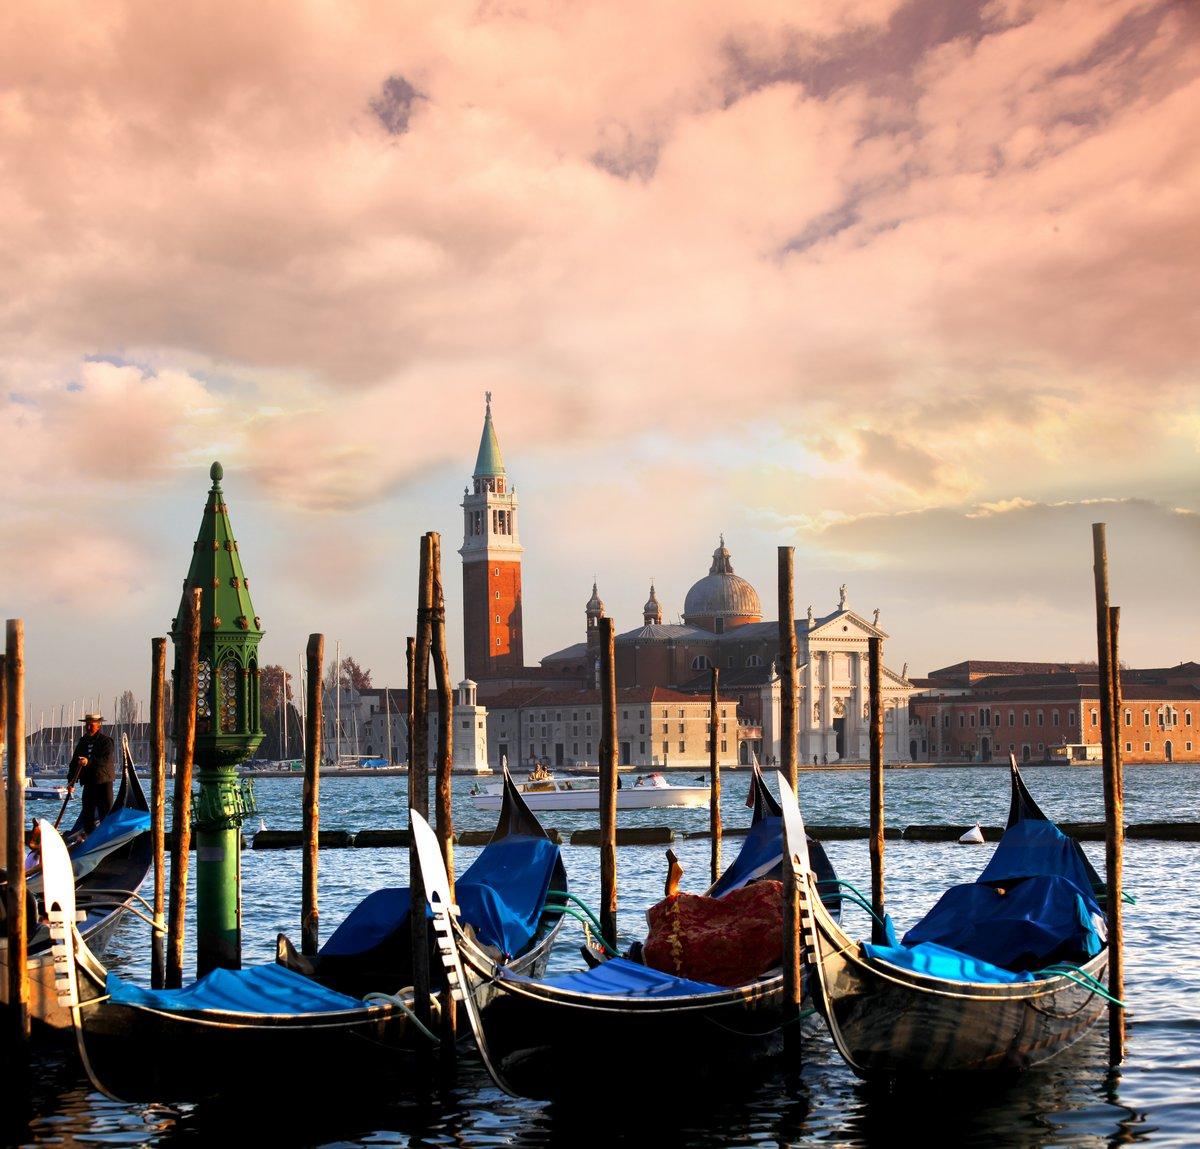 Постер Венеция Венеция с гондол на большом канале в ИталииВенеция<br>Постер на холсте или бумаге. Любого нужного вам размера. В раме или без. Подвес в комплекте. Трехслойная надежная упаковка. Доставим в любую точку России. Вам осталось только повесить картину на стену!<br>